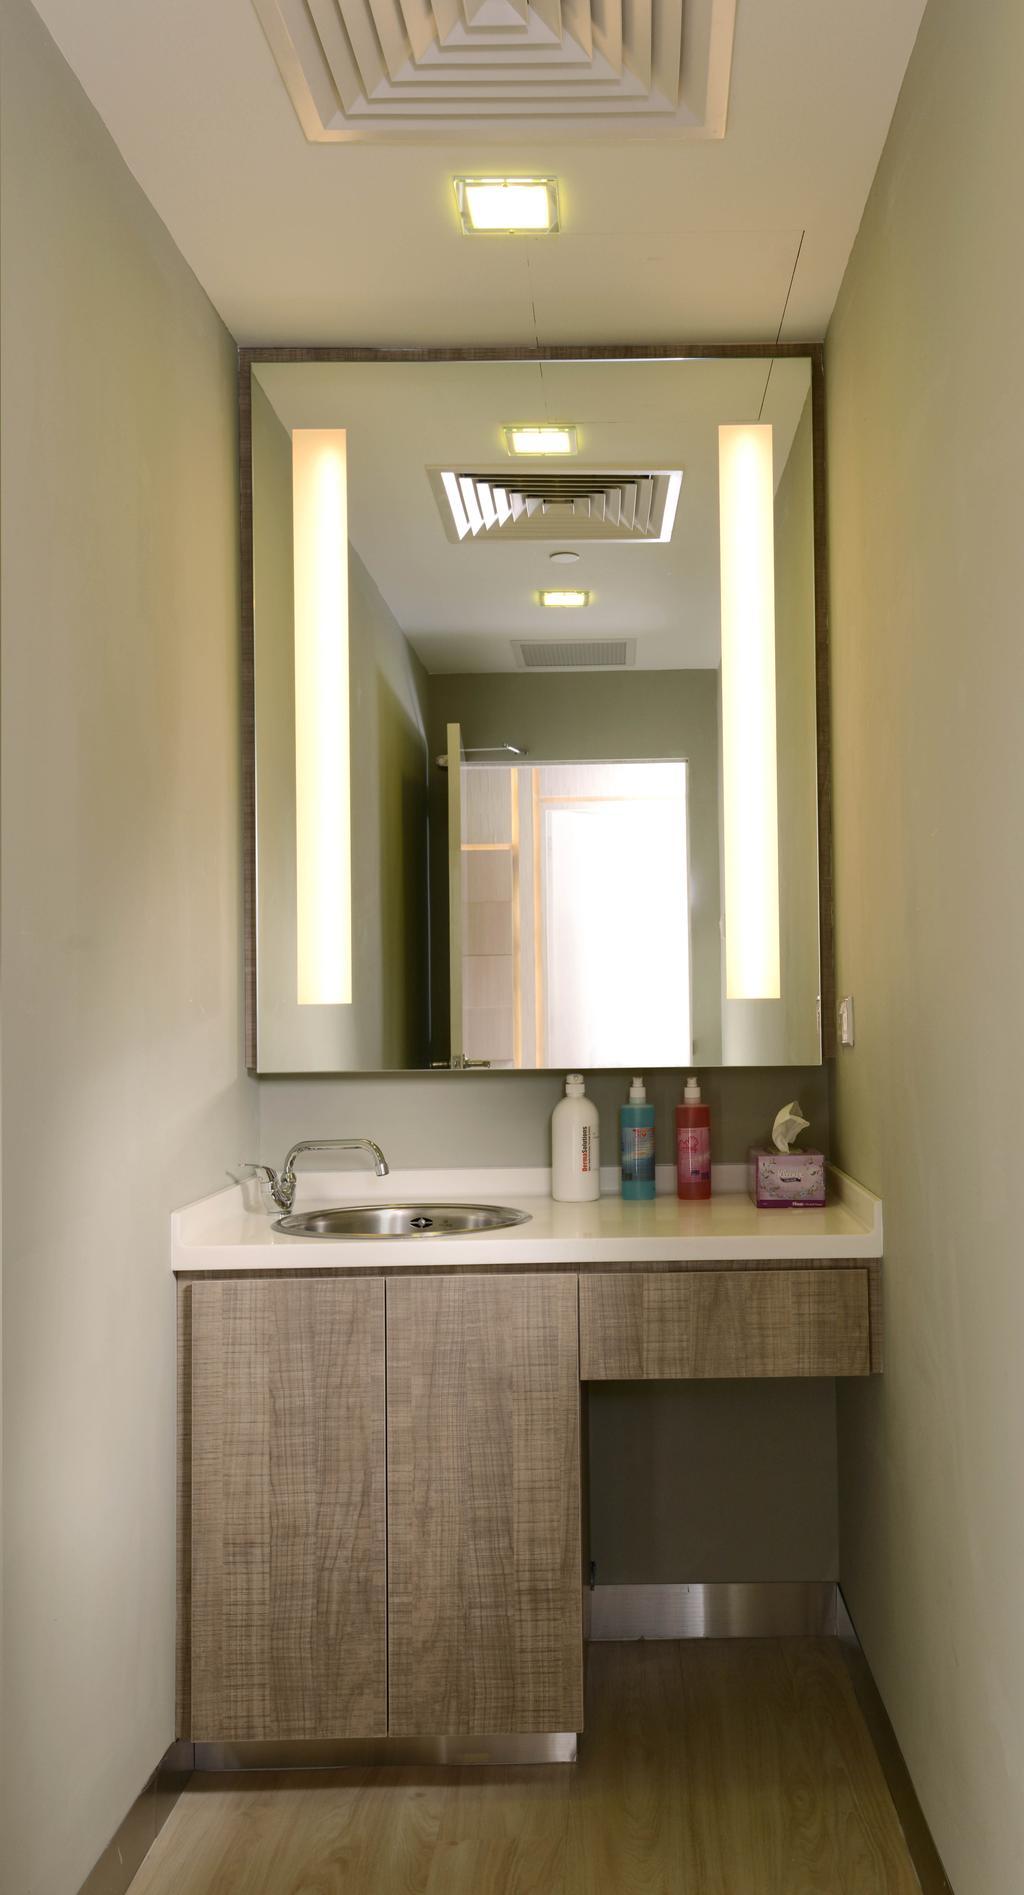 The Chelsea Clinic, Commercial, Interior Designer, Urban Habitat Design, Modern, Bathroom, Indoors, Interior Design, Room